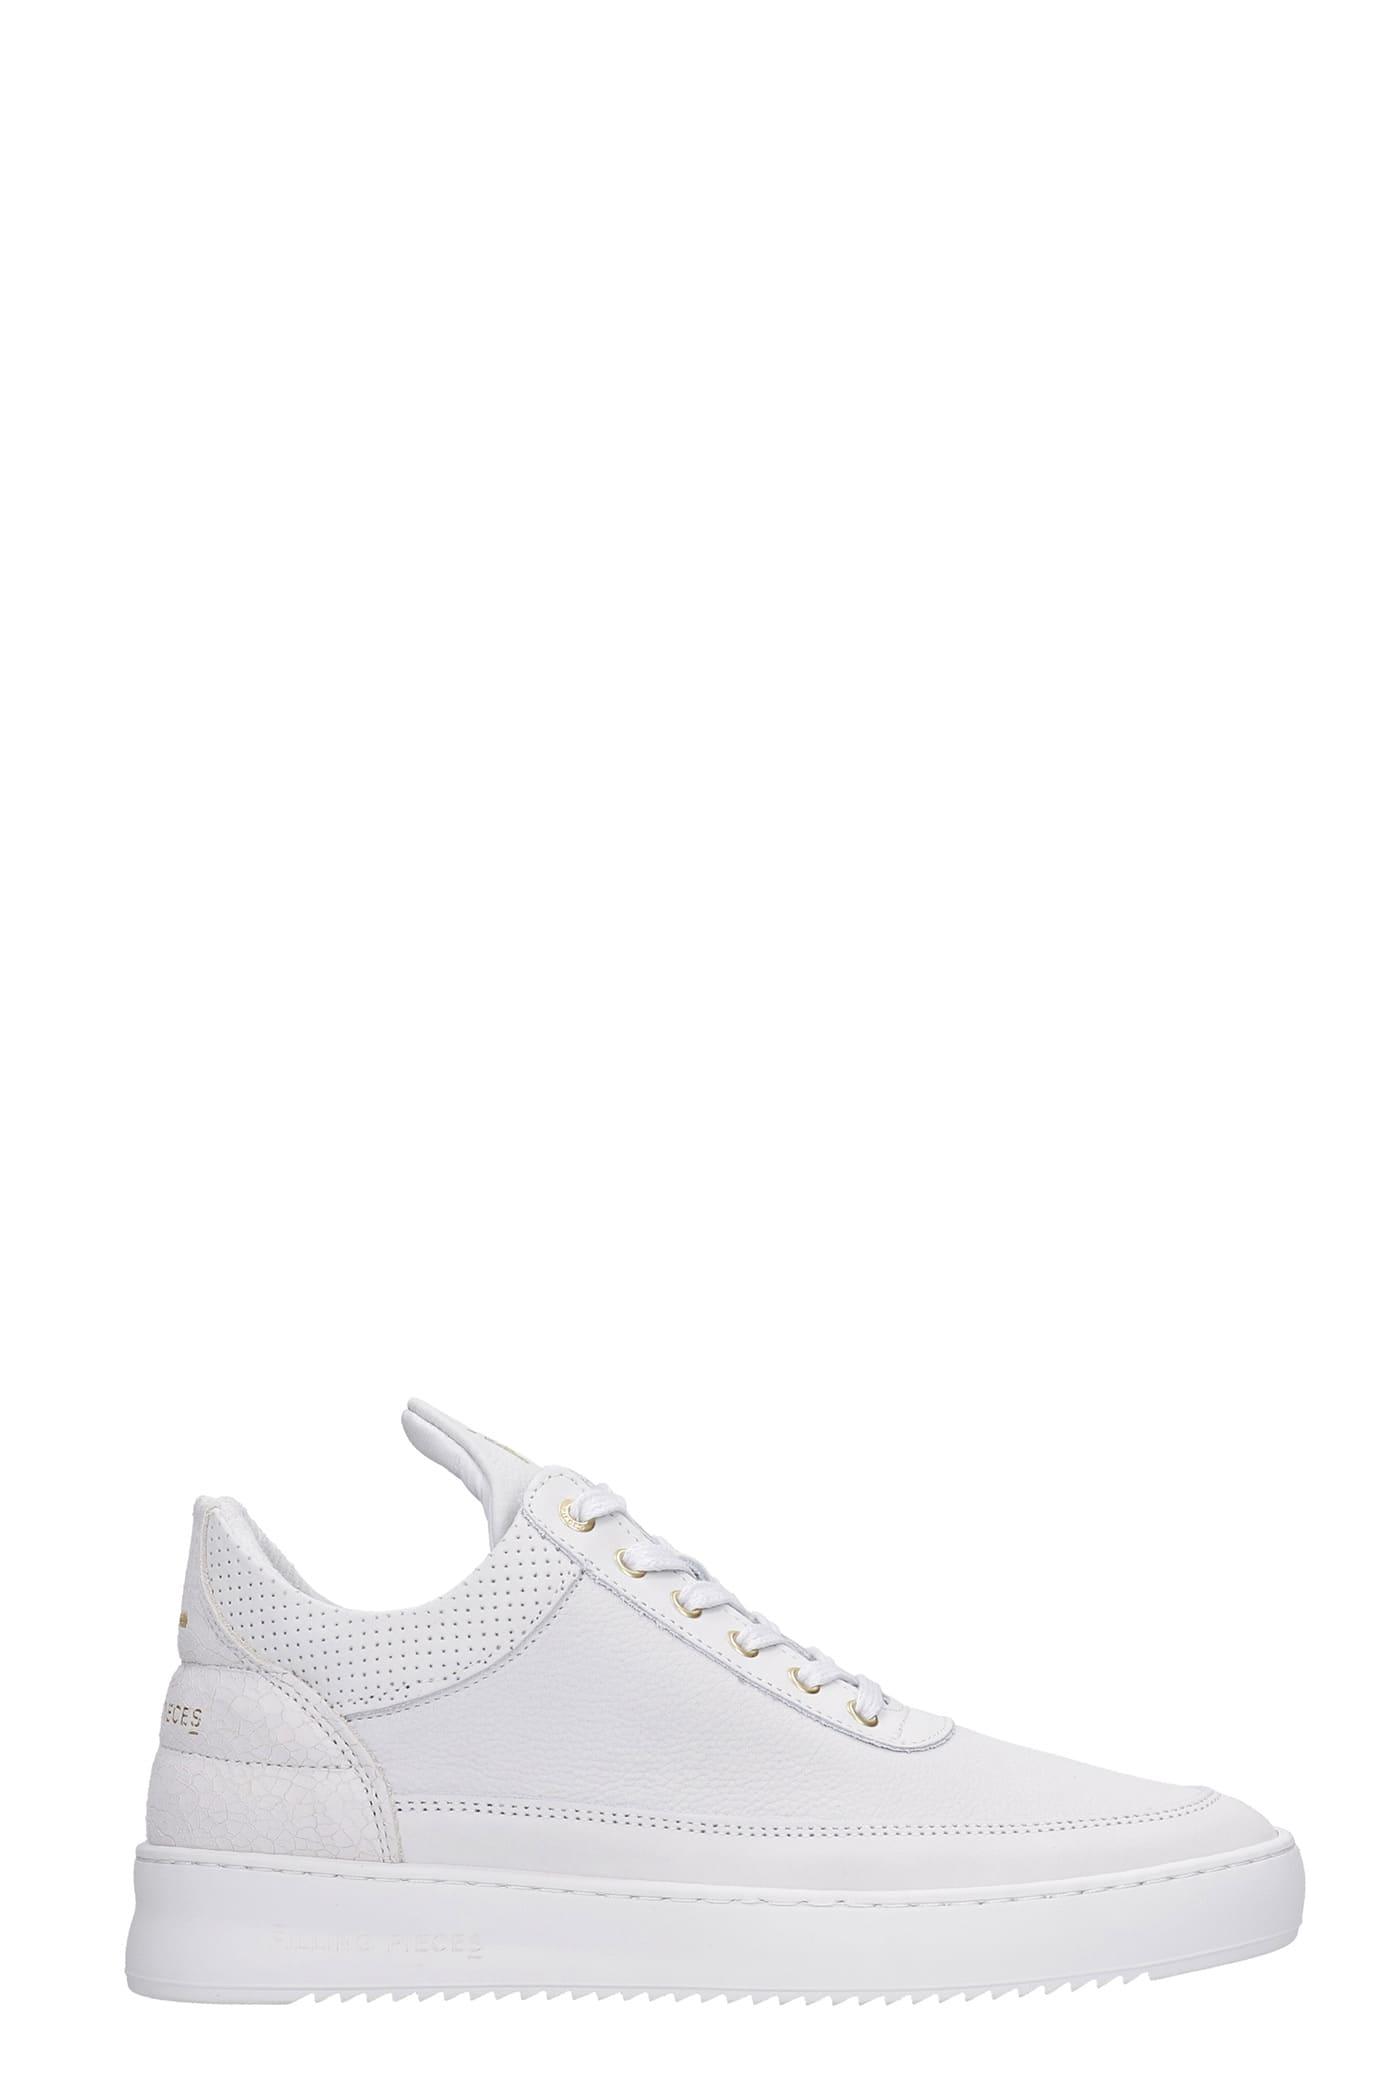 Low Top Ripple Sneakers In White Nubuck